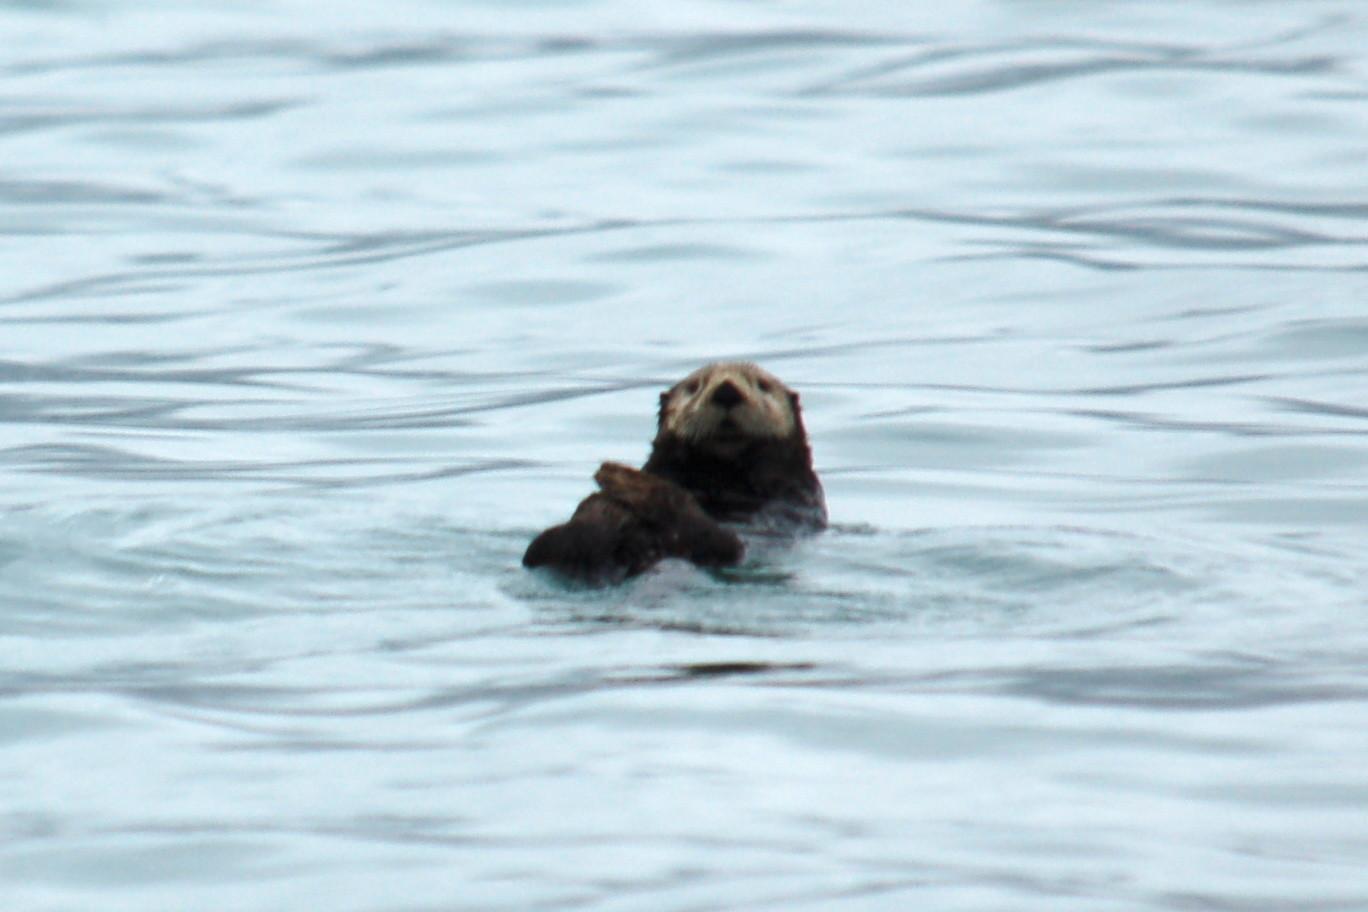 zee-otters die je heel veel ziet bij Seward